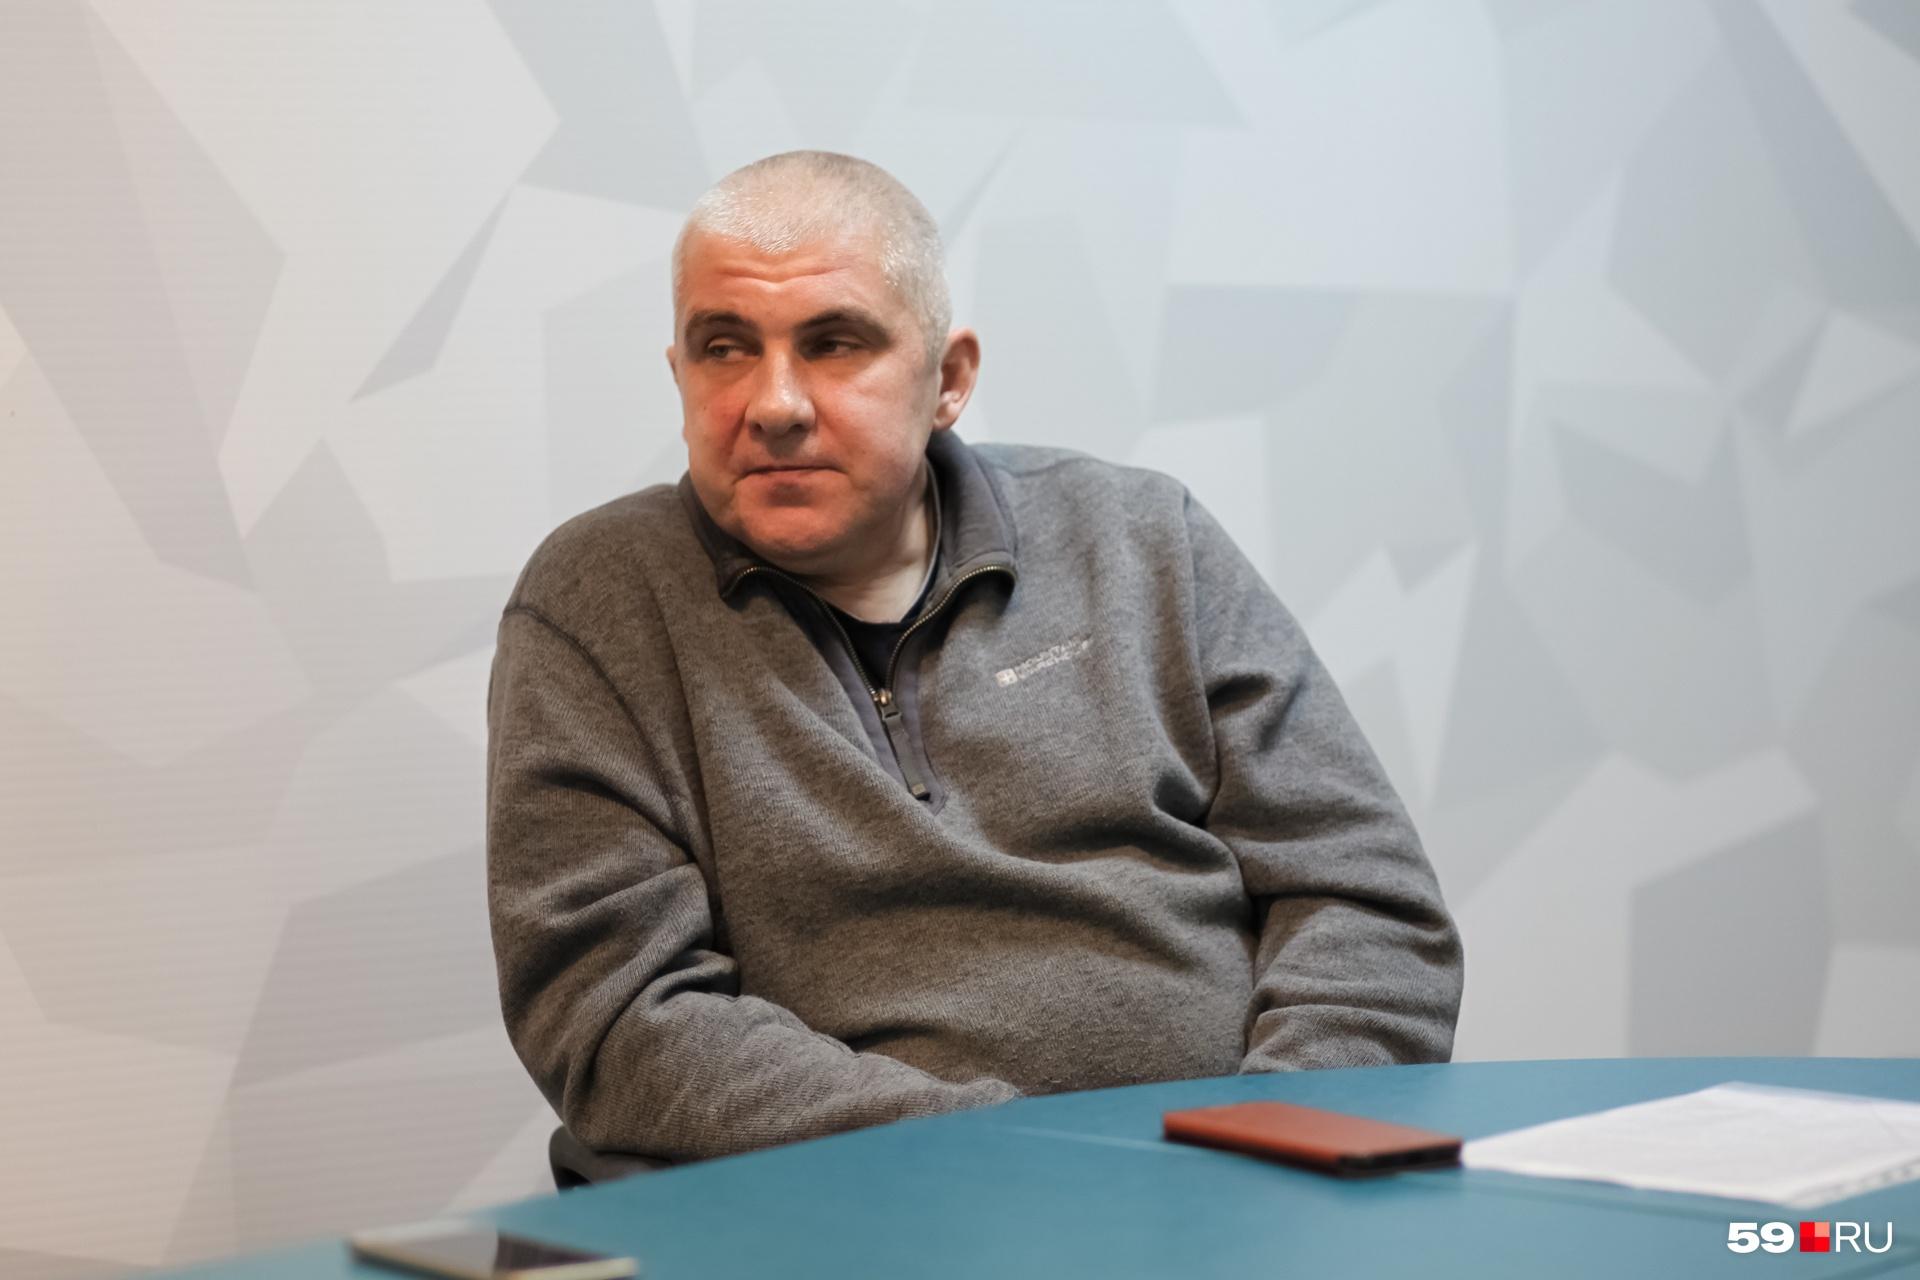 Фельдшер СПП Олег Ивашенцов считает, что в новых условиях работы врачи вынуждены нарушать закон